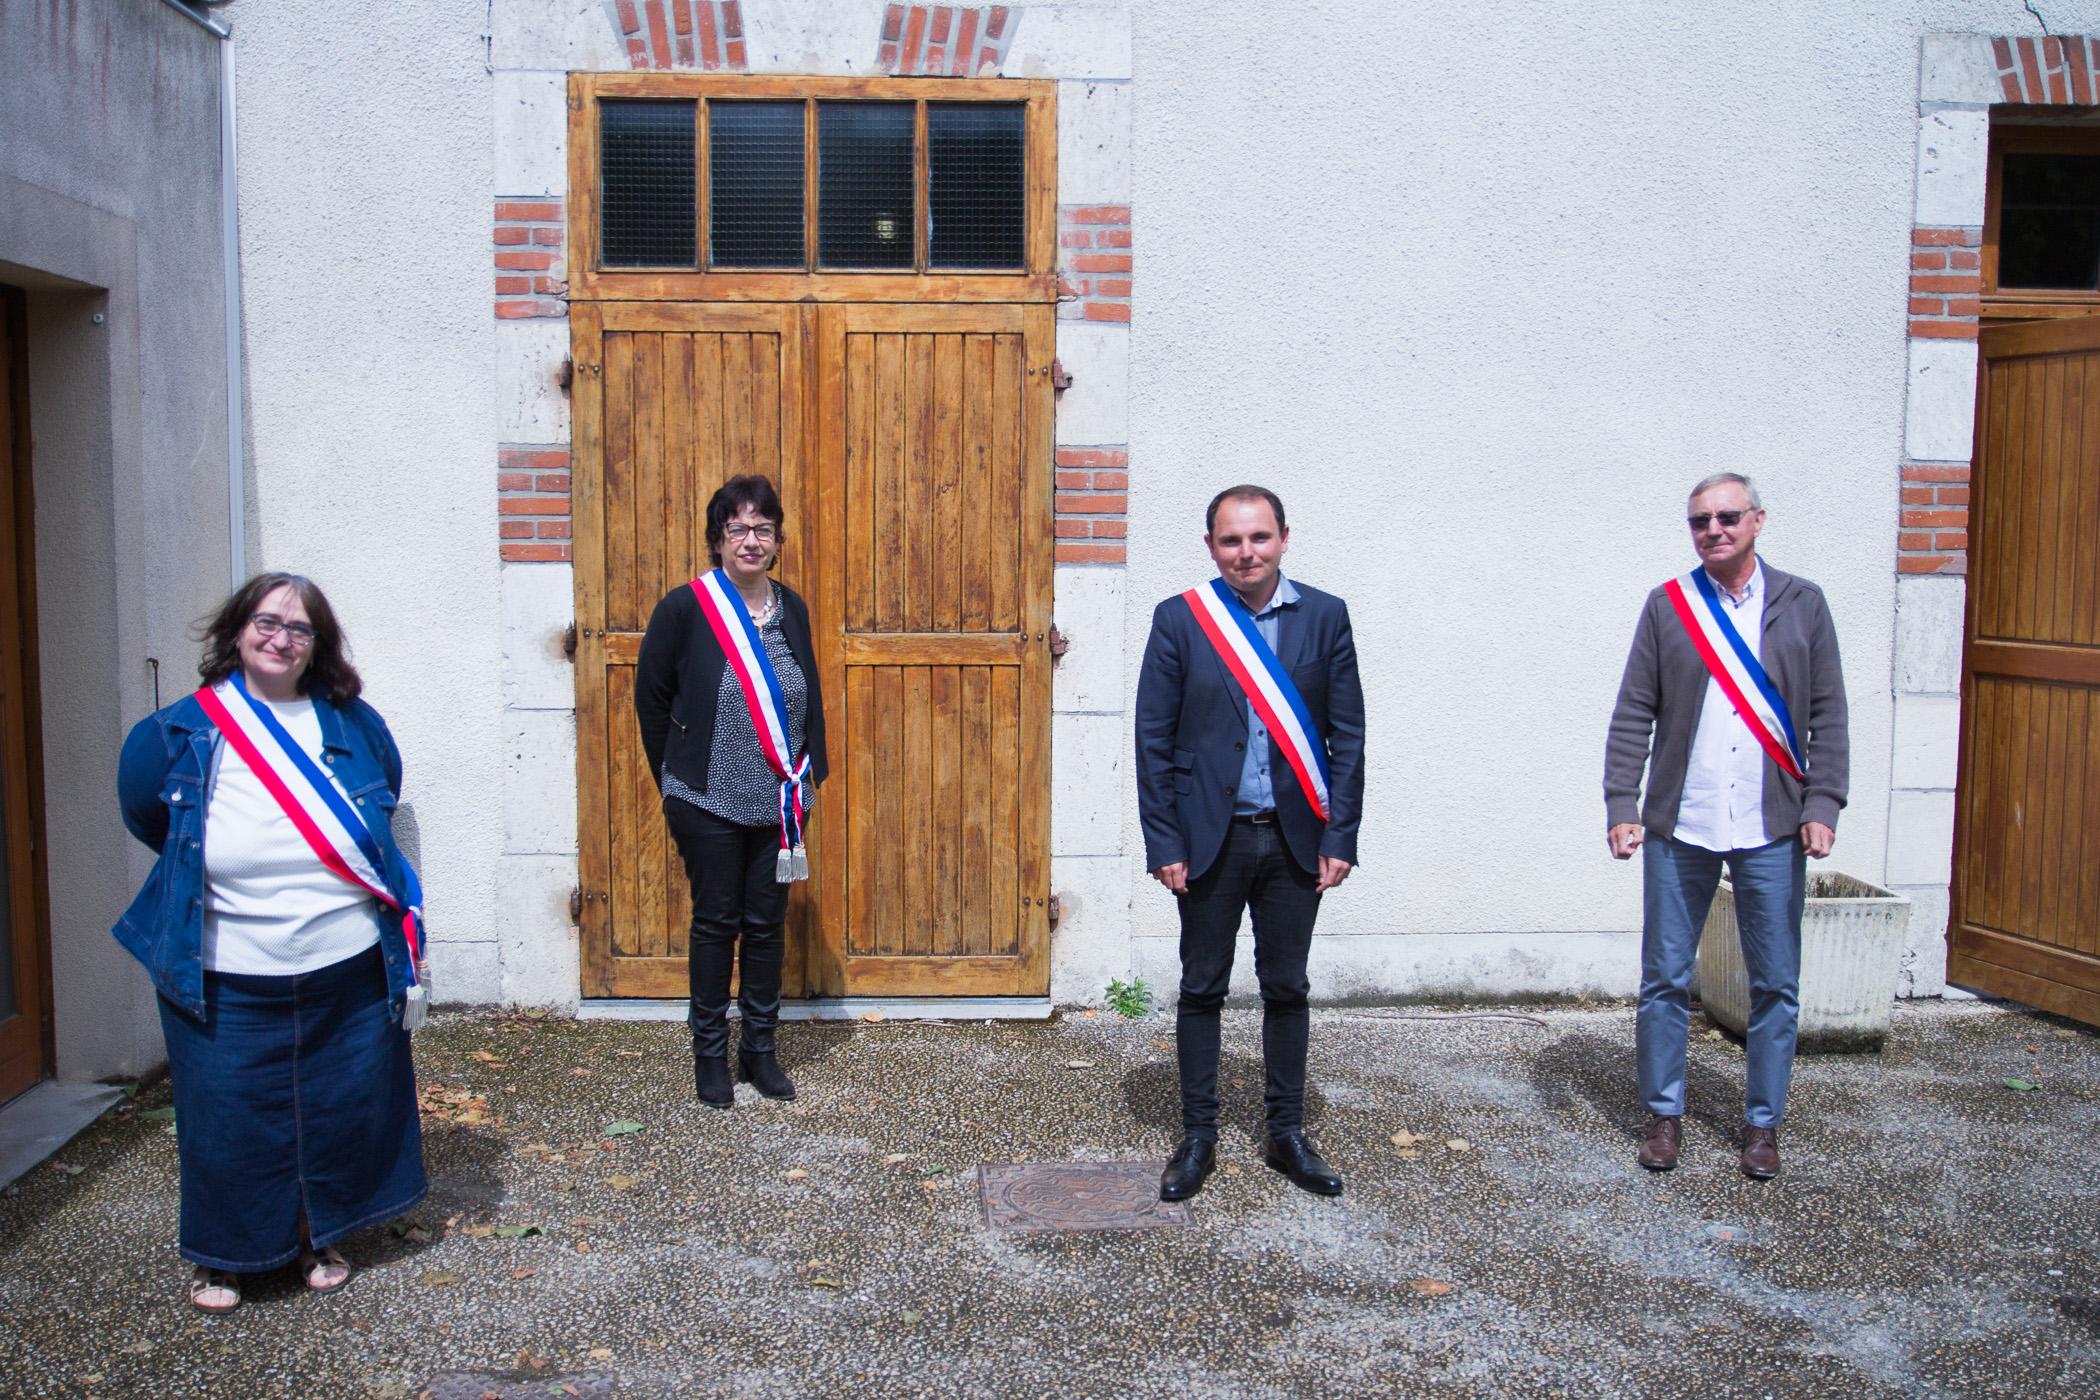 Le maire et les adjoints